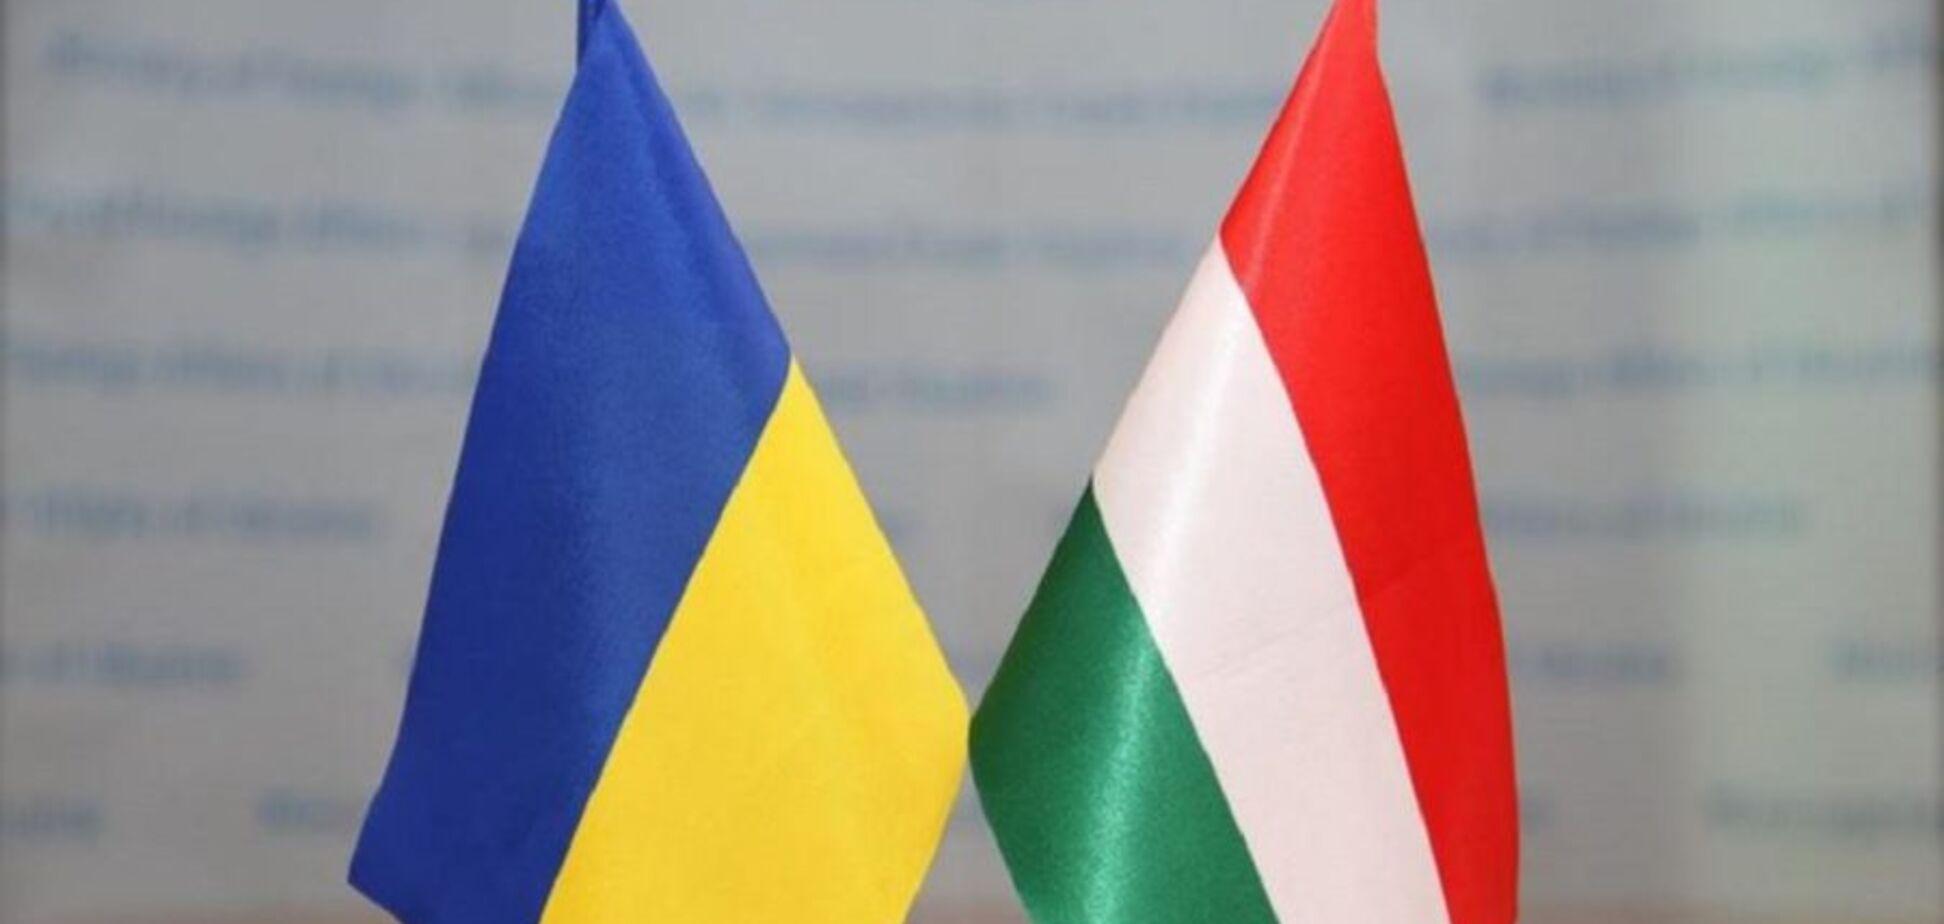 'Це ганьба!' Угорщину жорстко ткнули в неприємне порівняння з Україною